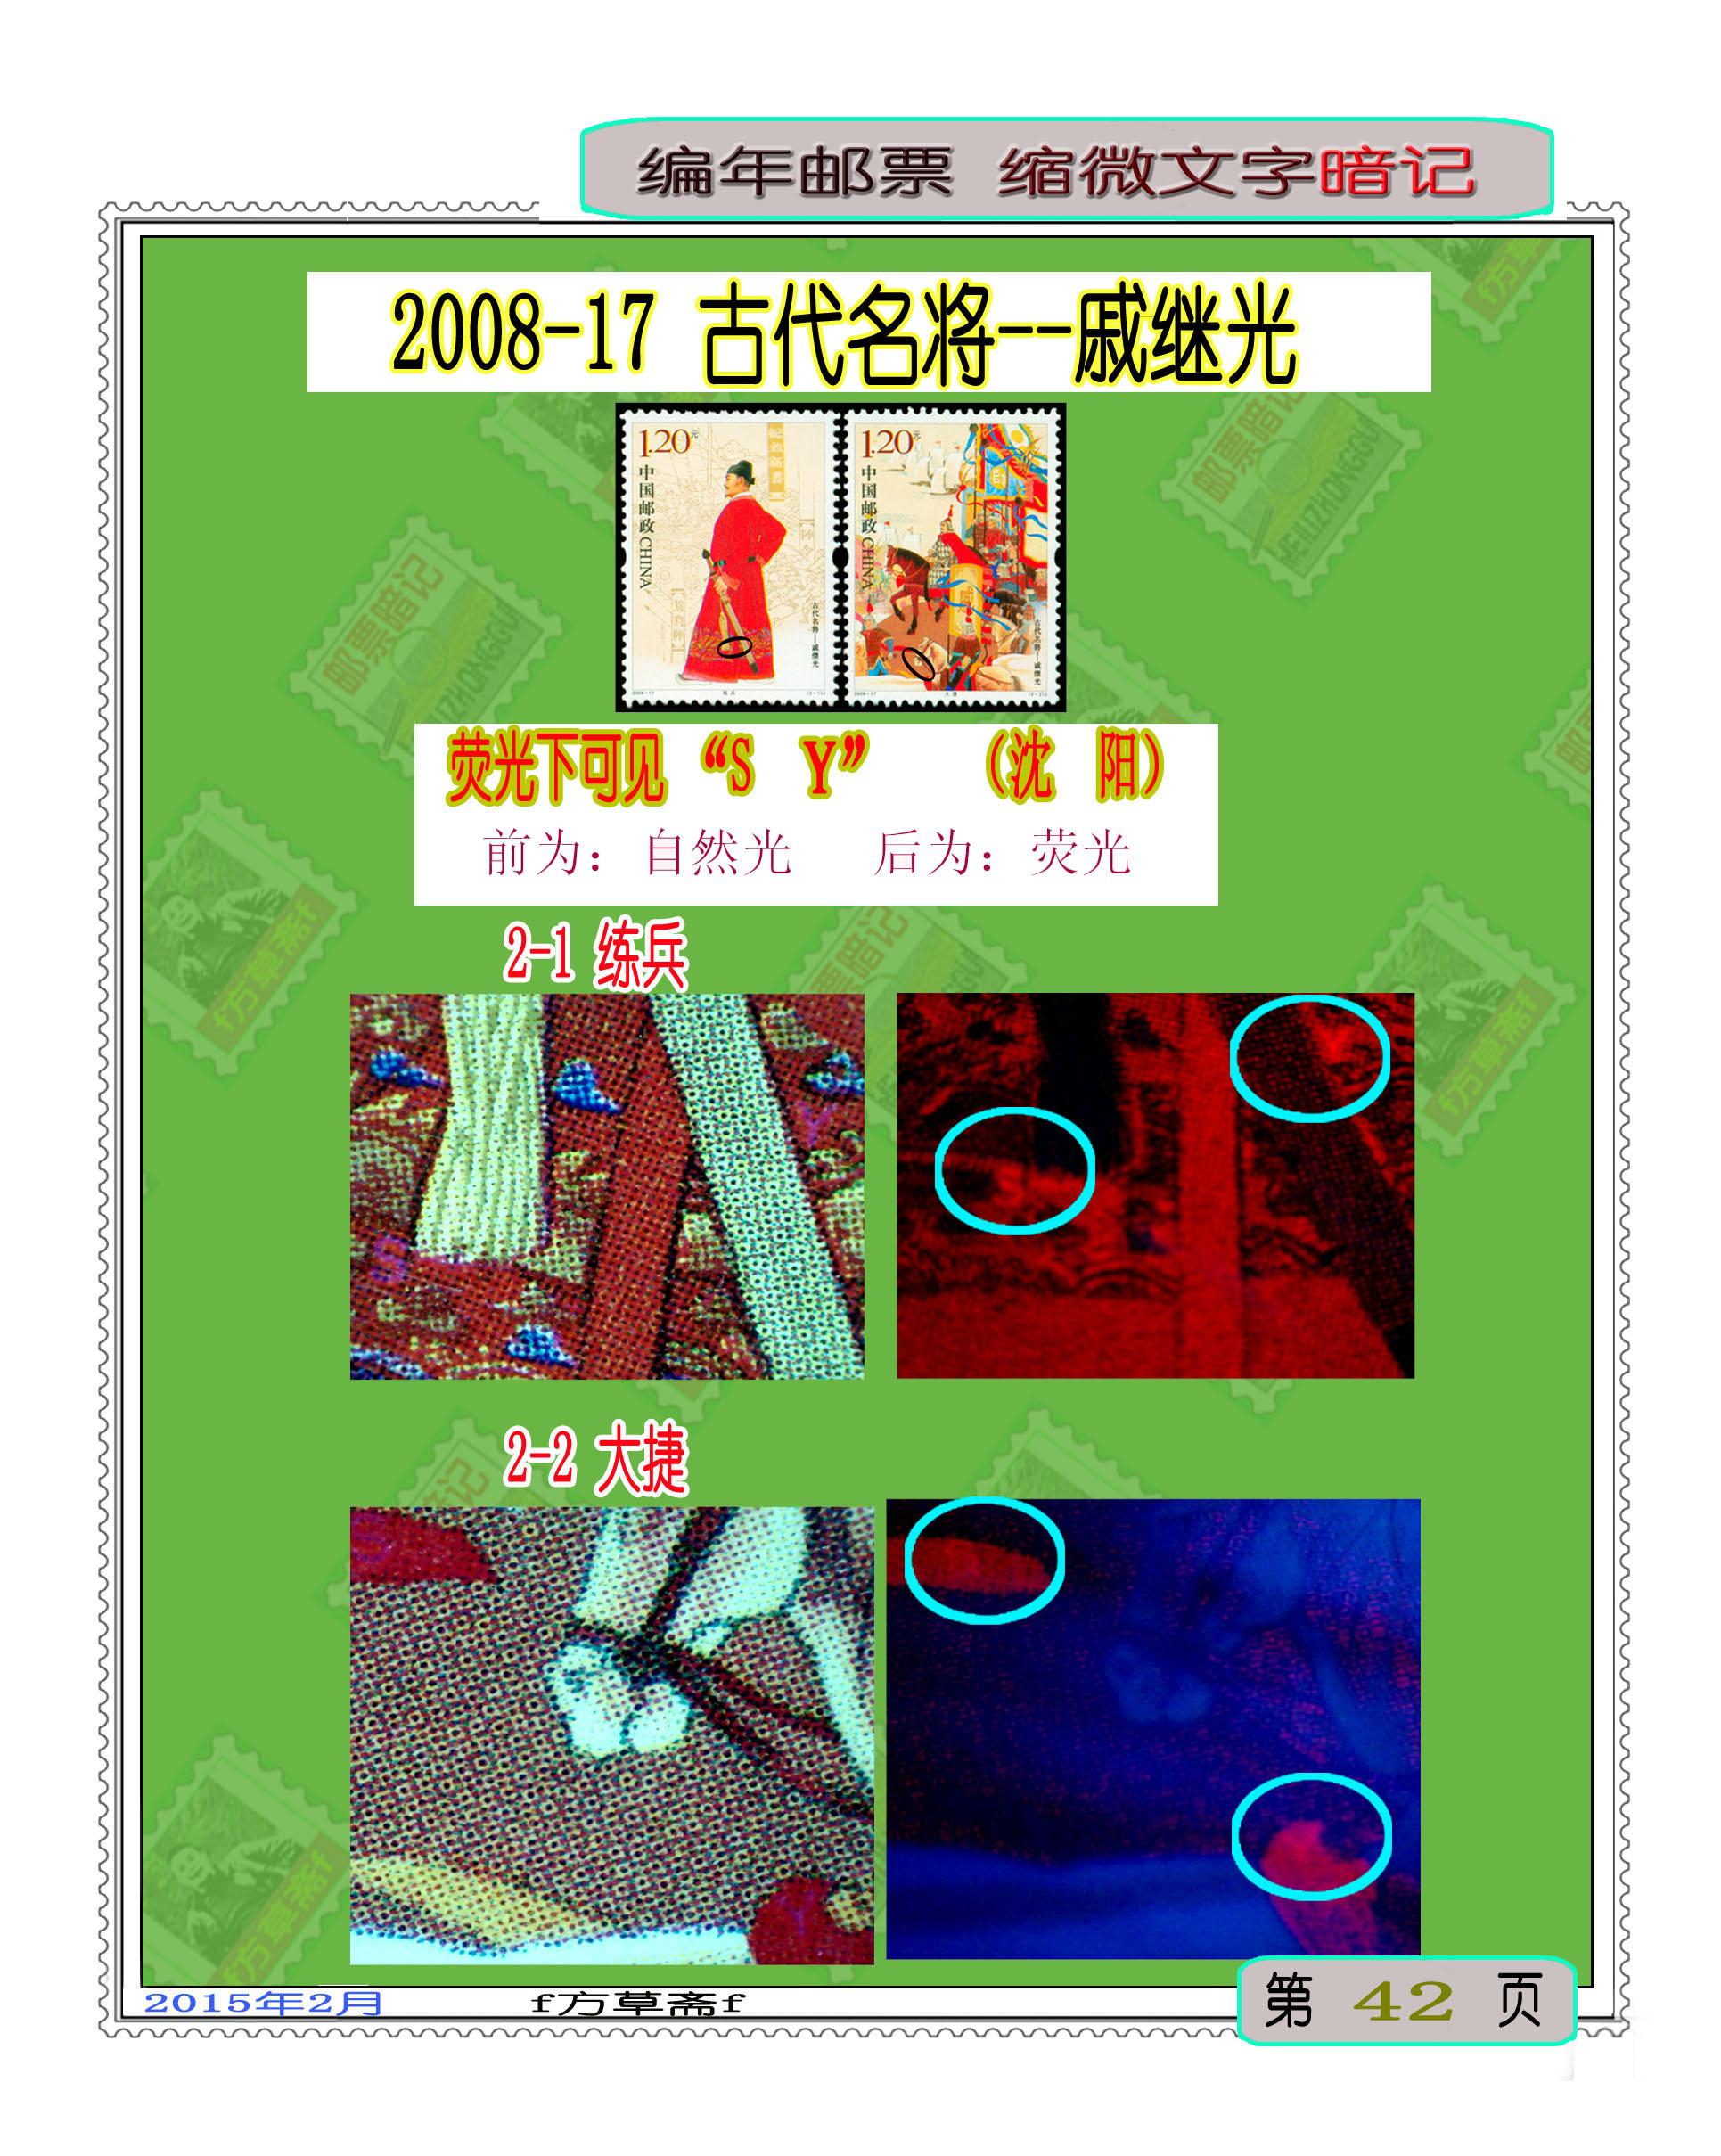 2008-17 古代名将--戚继光.jpg